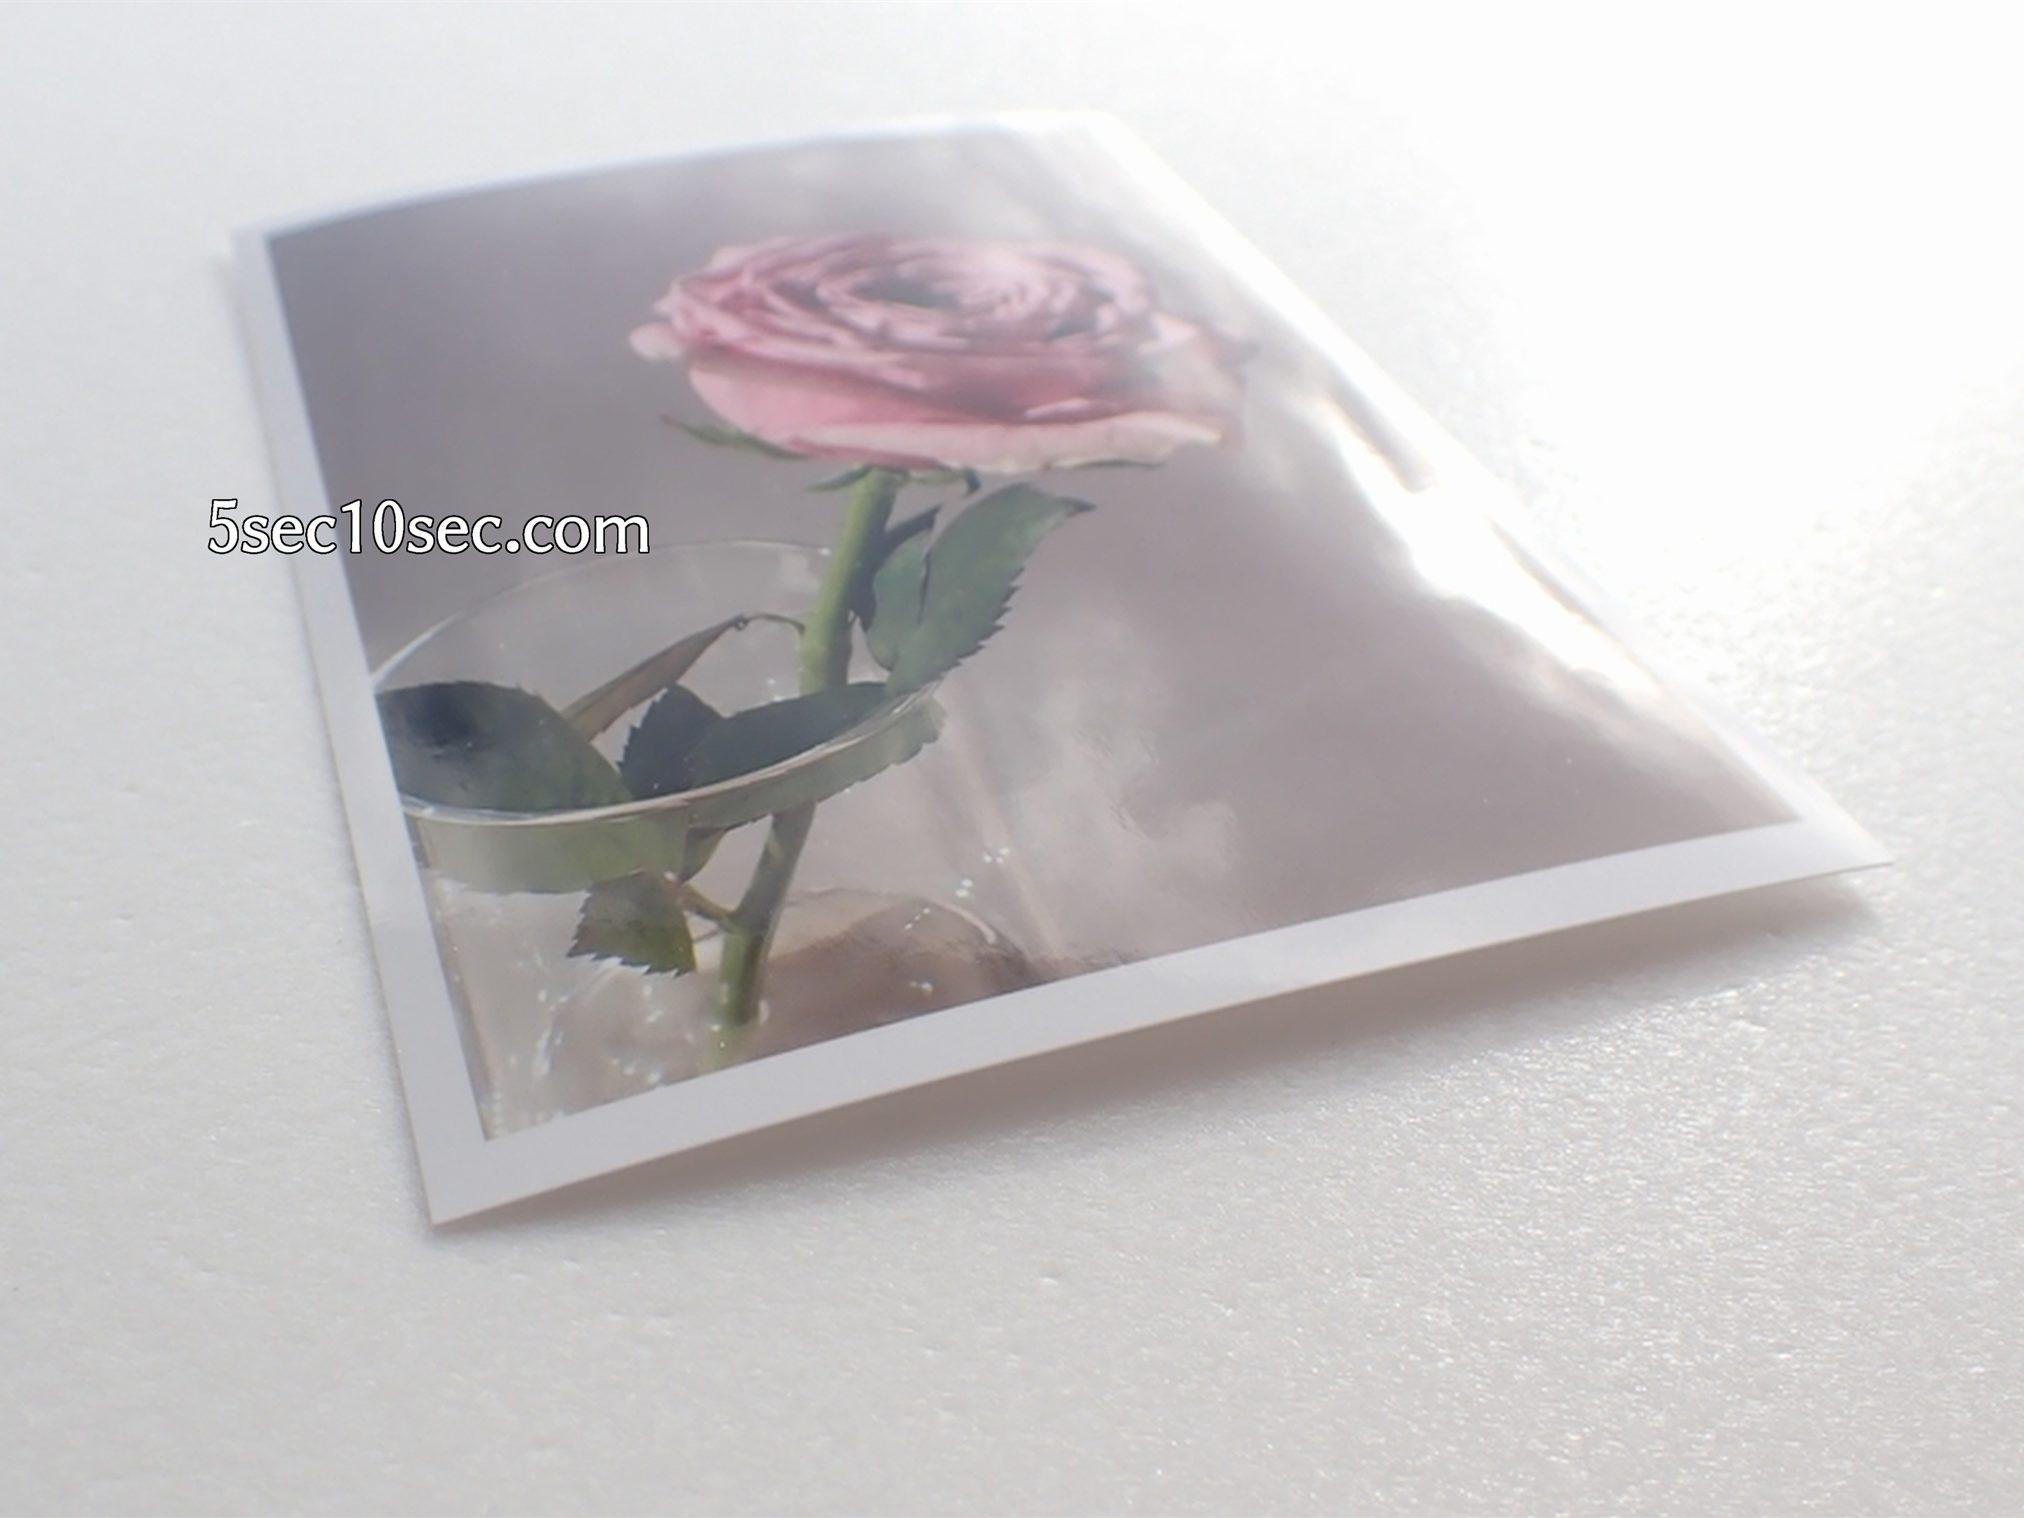 株式会社Crunch Style お花の定期便 Bloomee LIFE ブルーミーライフ レギュラープラン 写真用の用紙に印刷するとお店で現像プリントしたみたいなツヤツヤ、ツルツルの本物の写真みたいな写真が出来ます